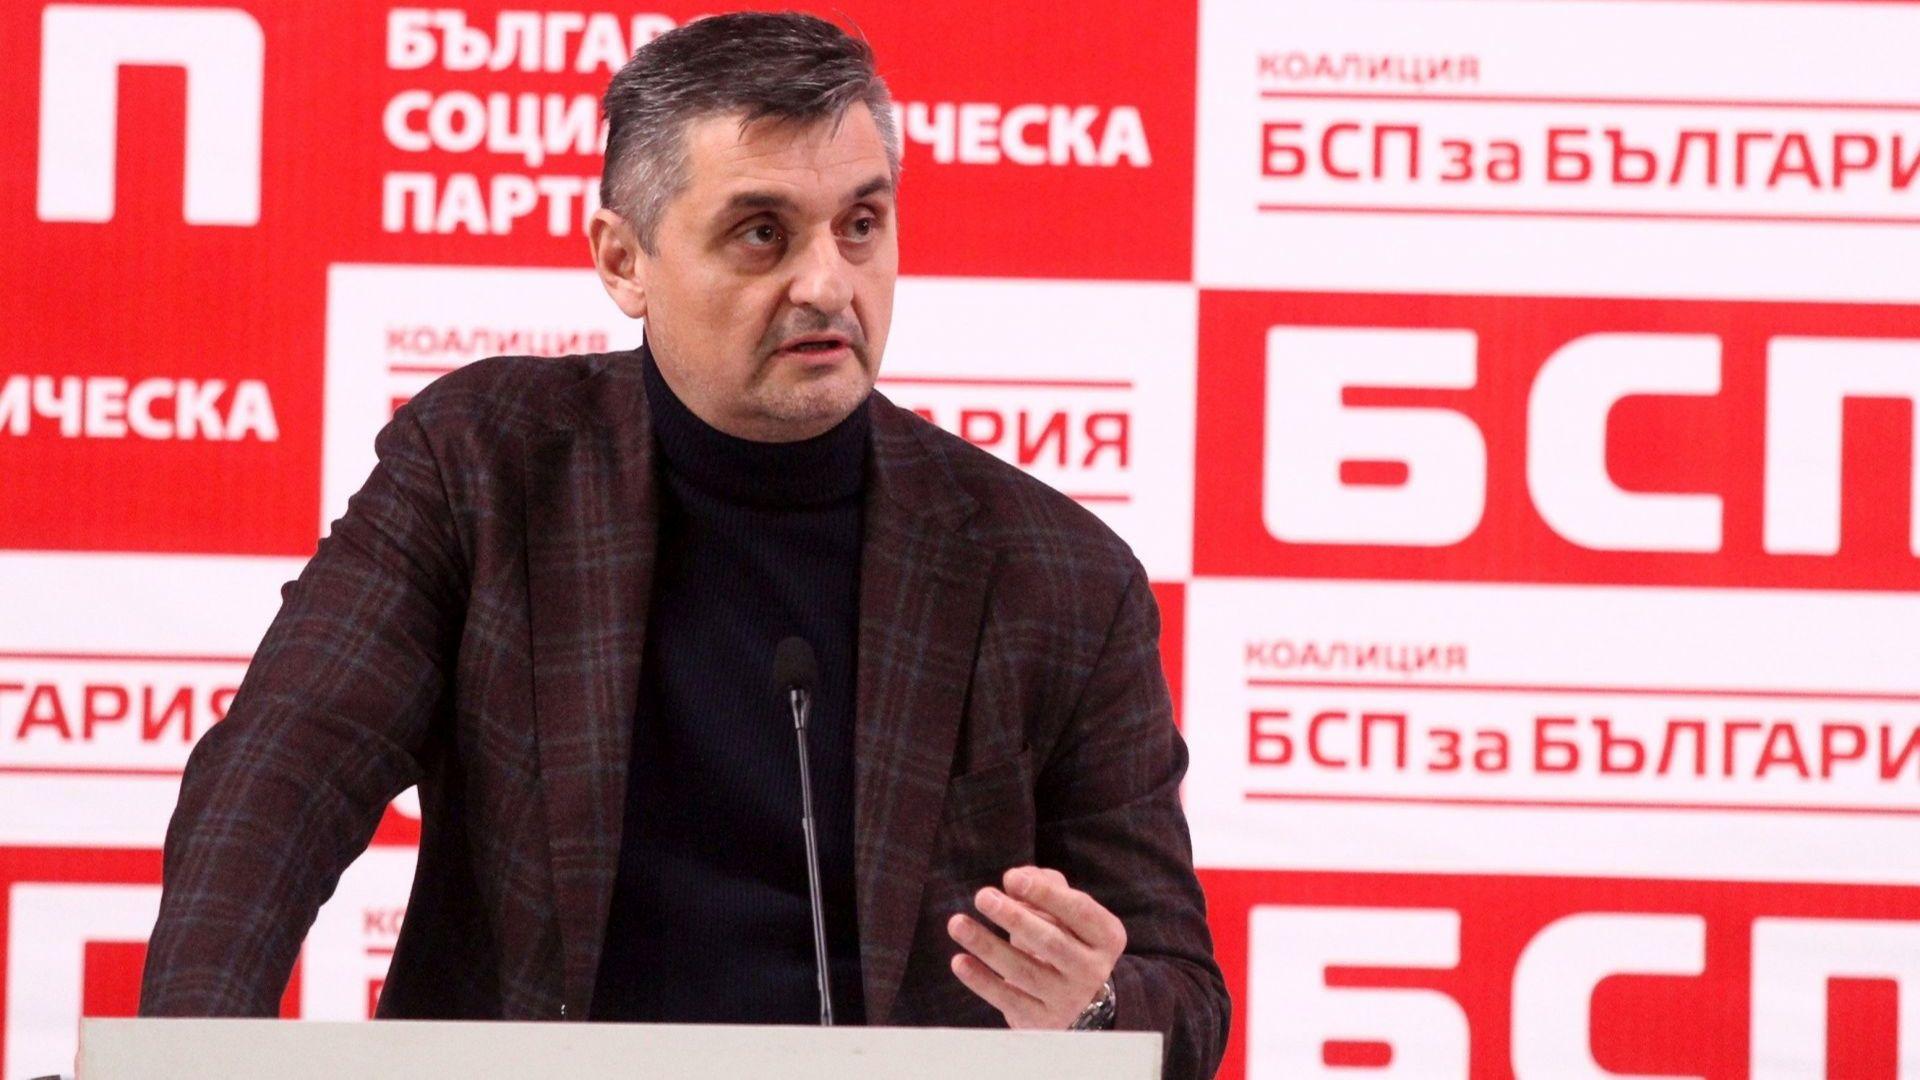 Кирил Добрев: Не приемам разделението, основна задача в политиката е да търсиш единство